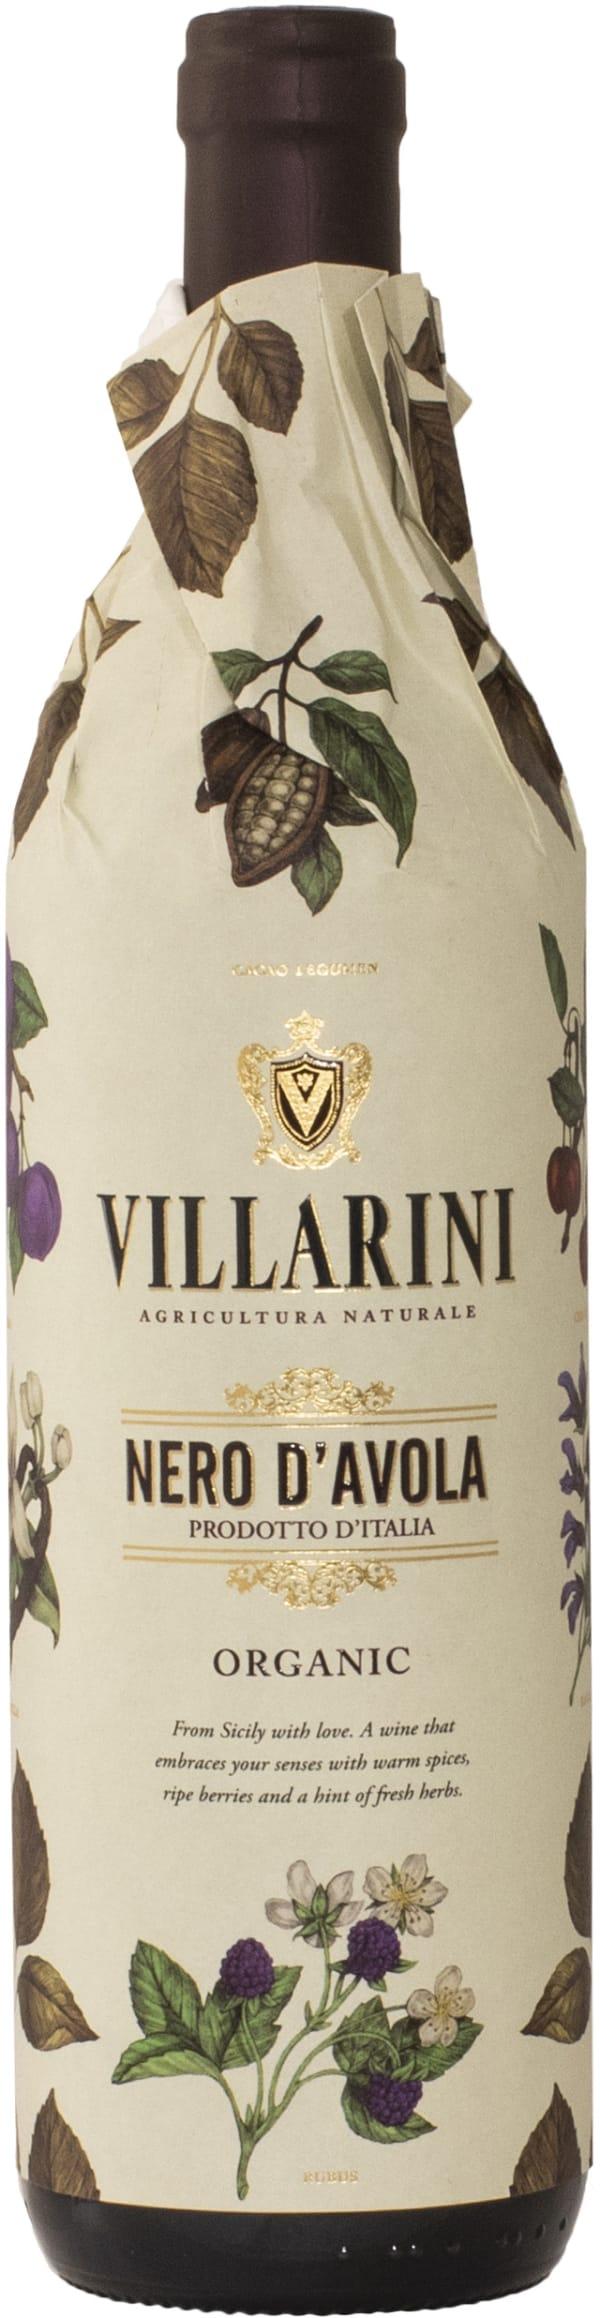 Villarini Nero d'Avola Organic 2016